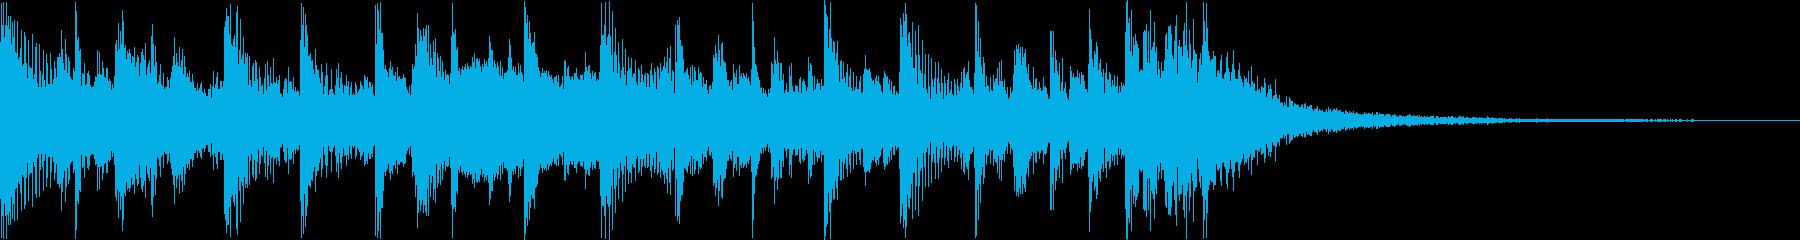 ウクレレ、ギター、リードシンセ、ス...の再生済みの波形